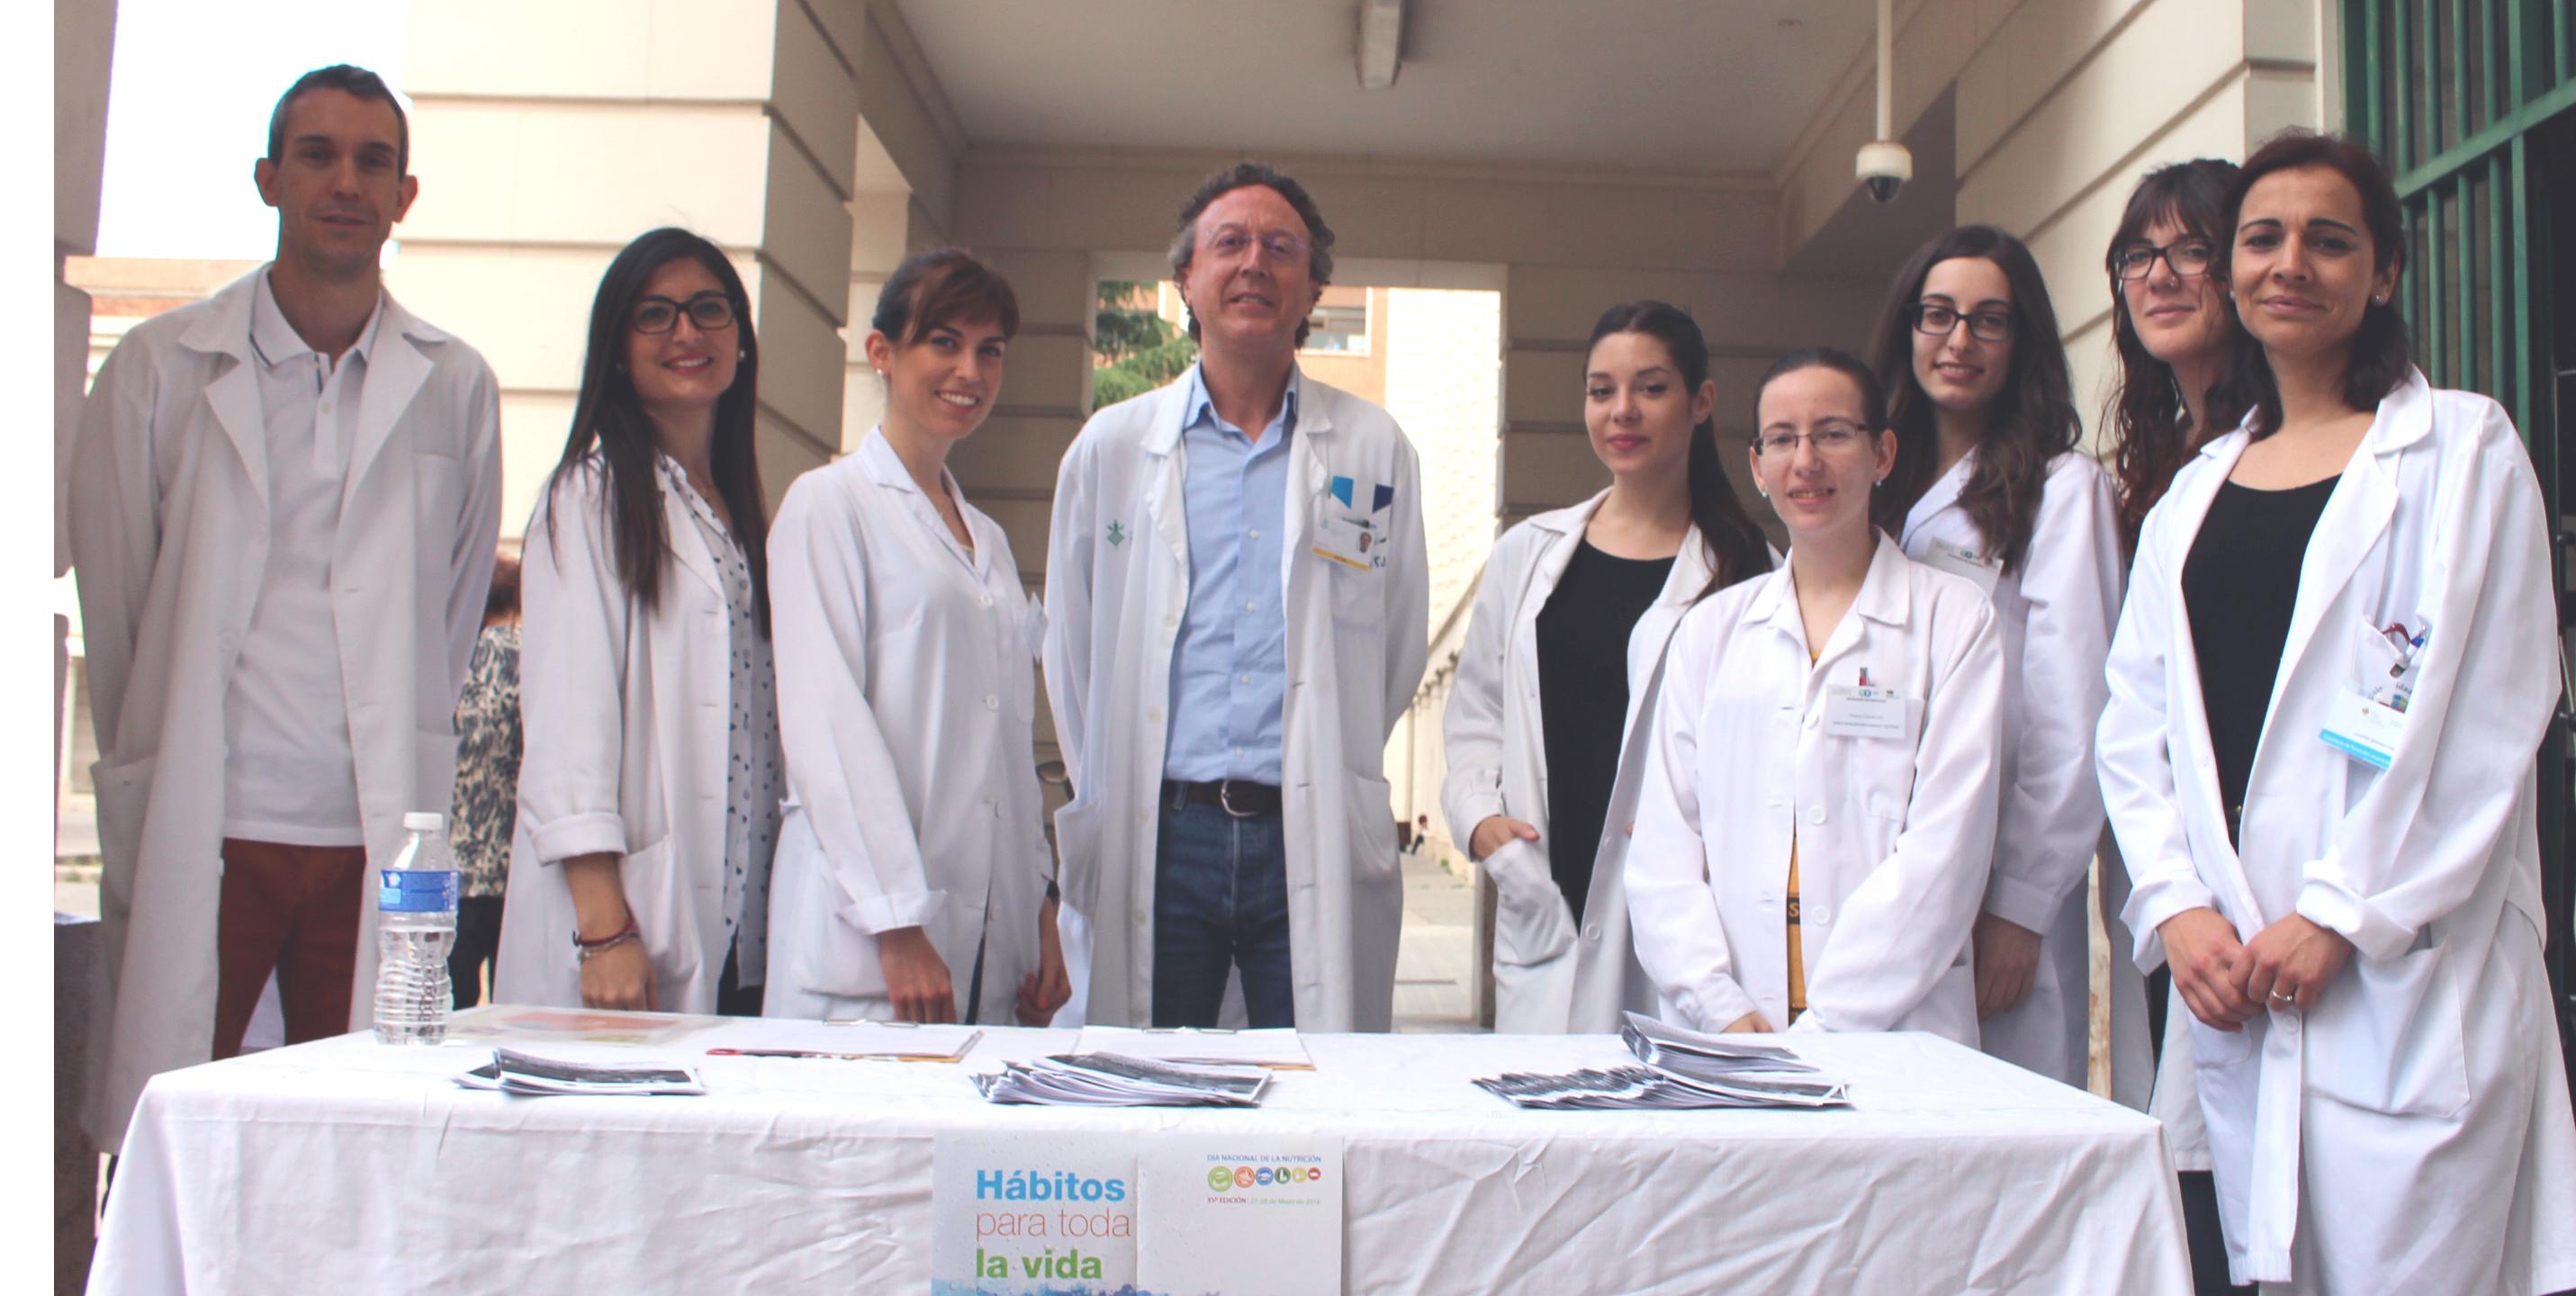 Endocrinos y nutricionistas del General de Valencia se suman al Día Nacional de la Nutrición